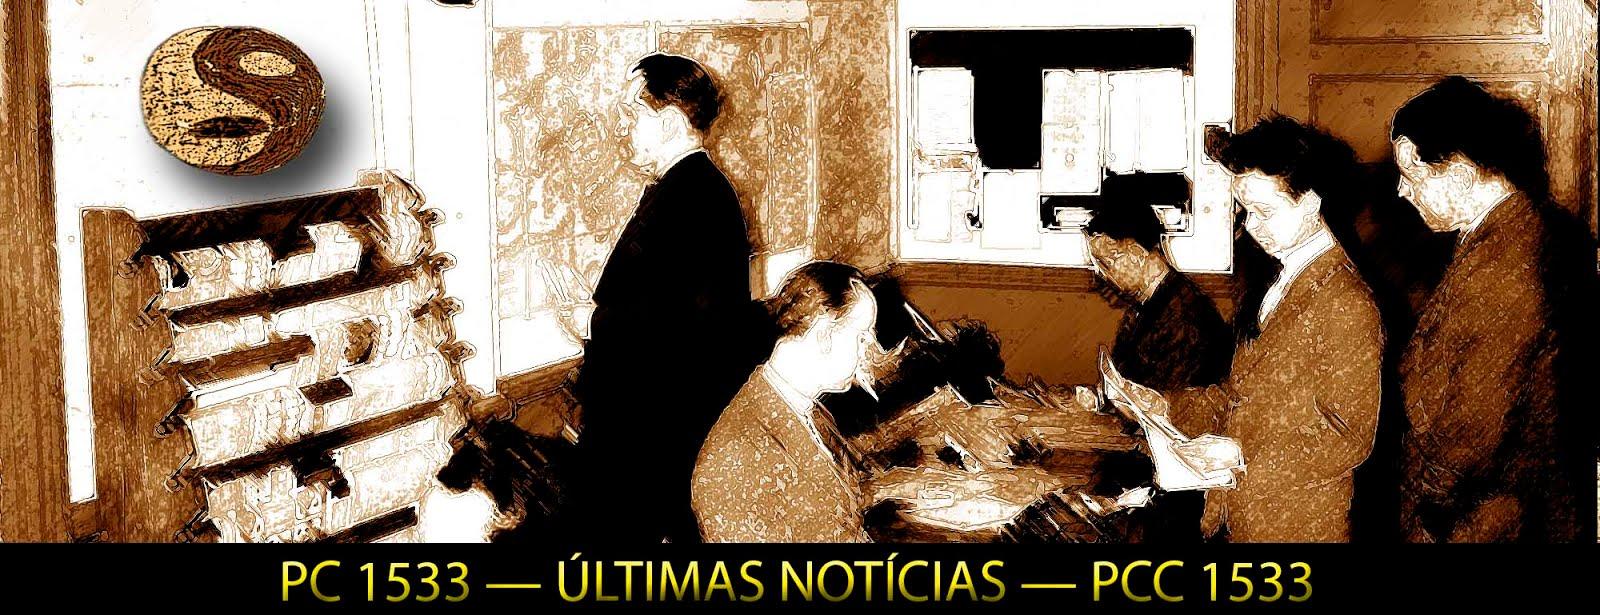 PCC 1533 ÚLTIMAS NOTÍCIAS